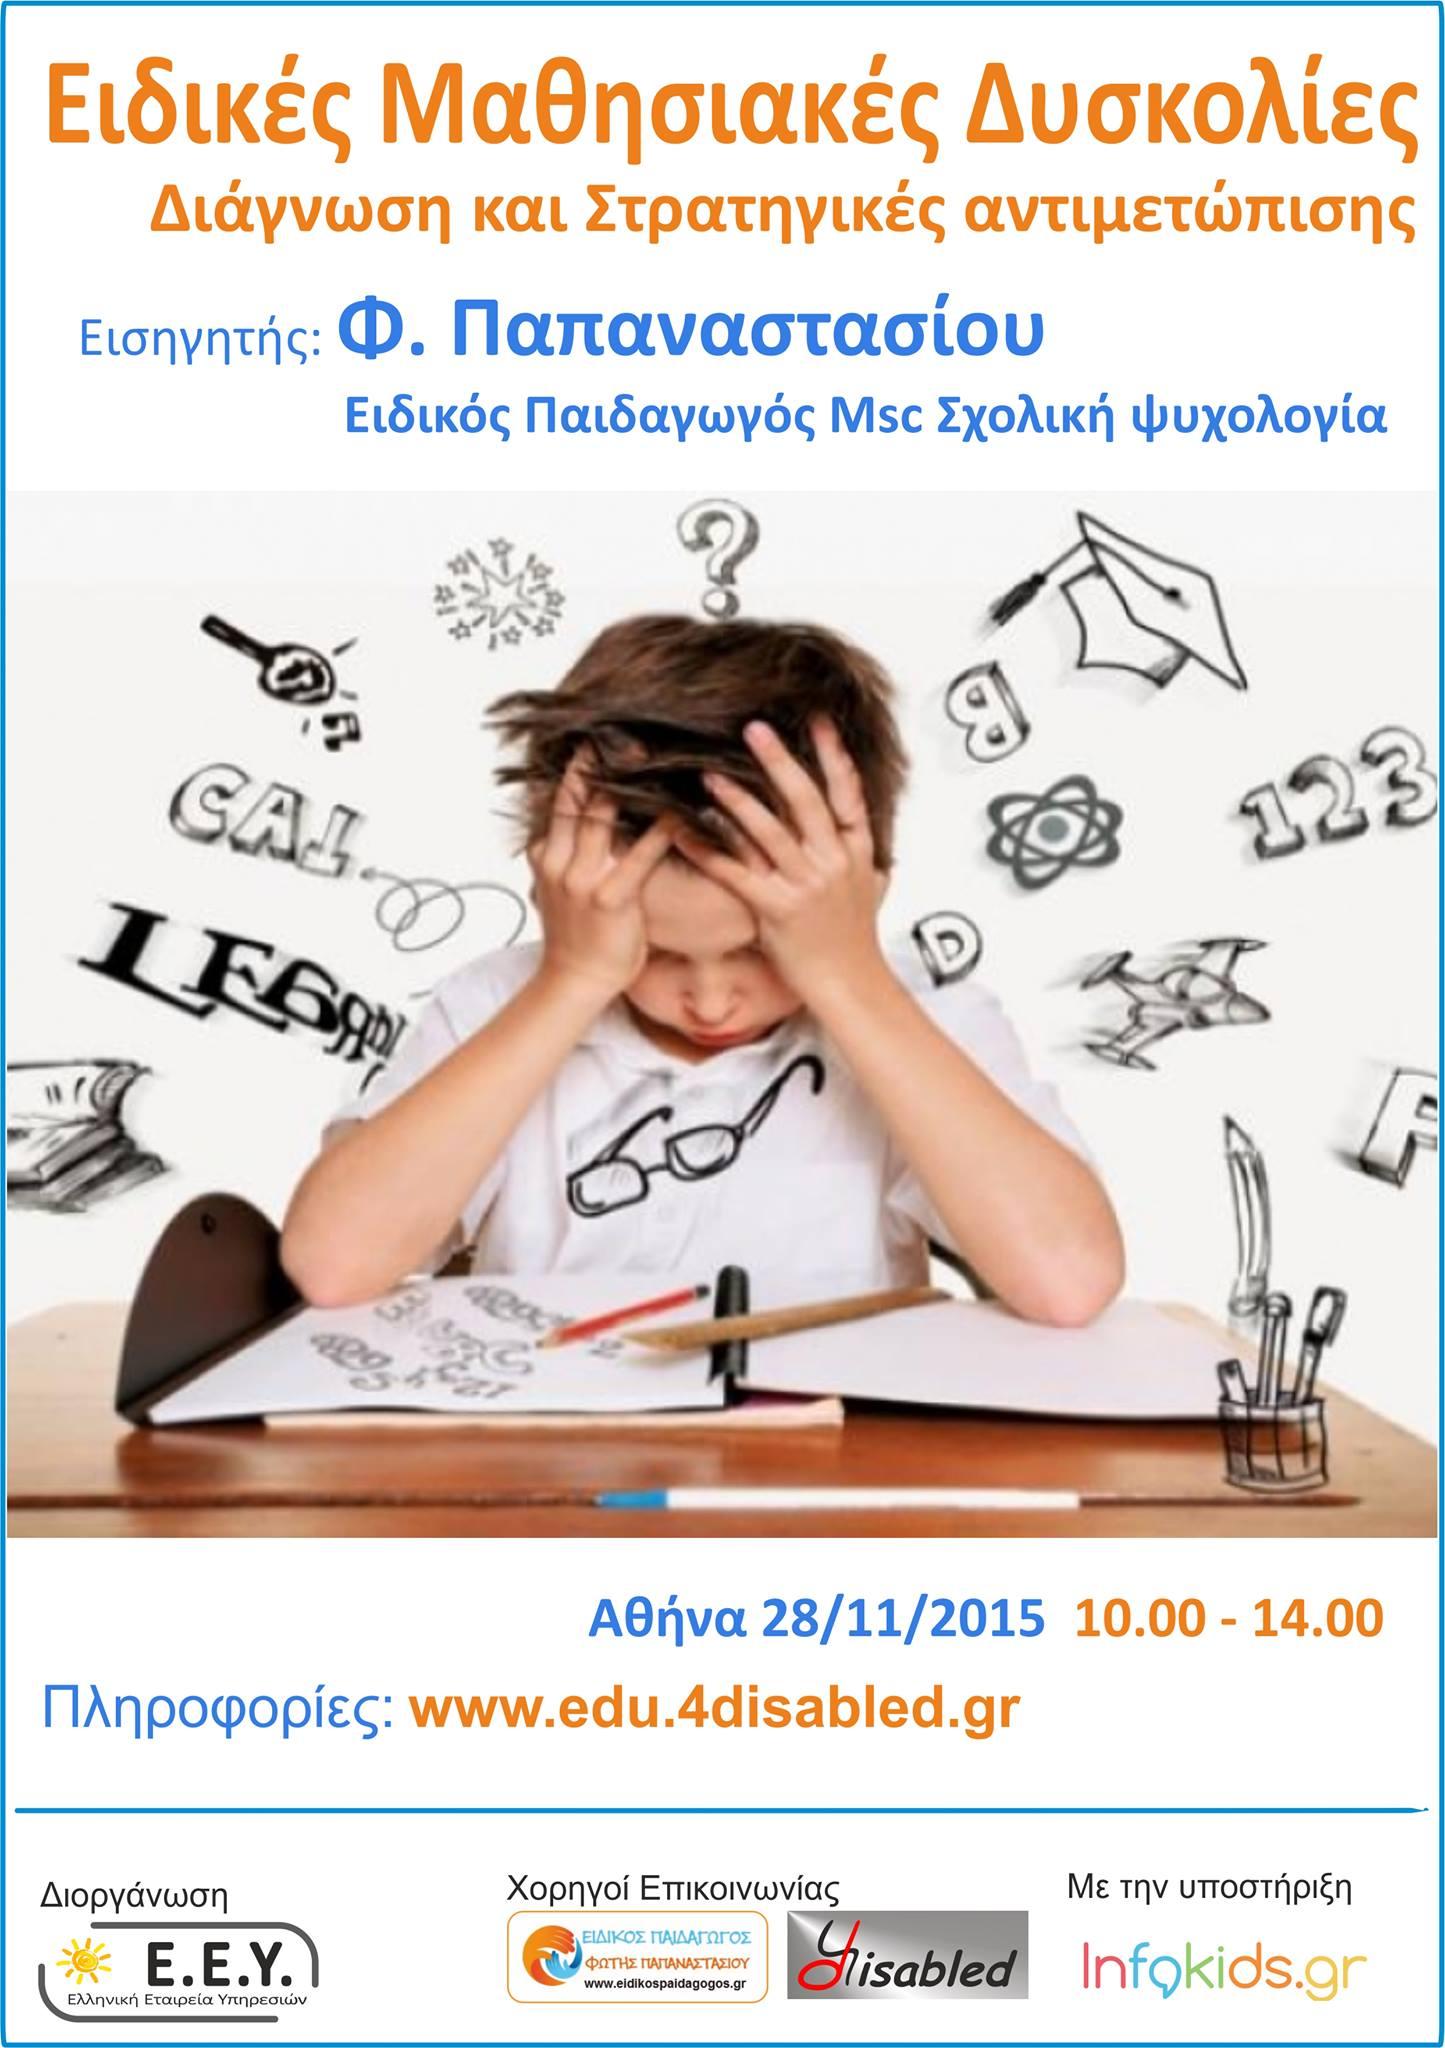 Σεμινάριο «Ειδικές Μαθησιακές Δυσκολίες- Διάγνωση και Στρατηγικές Αντιμετώπισης»